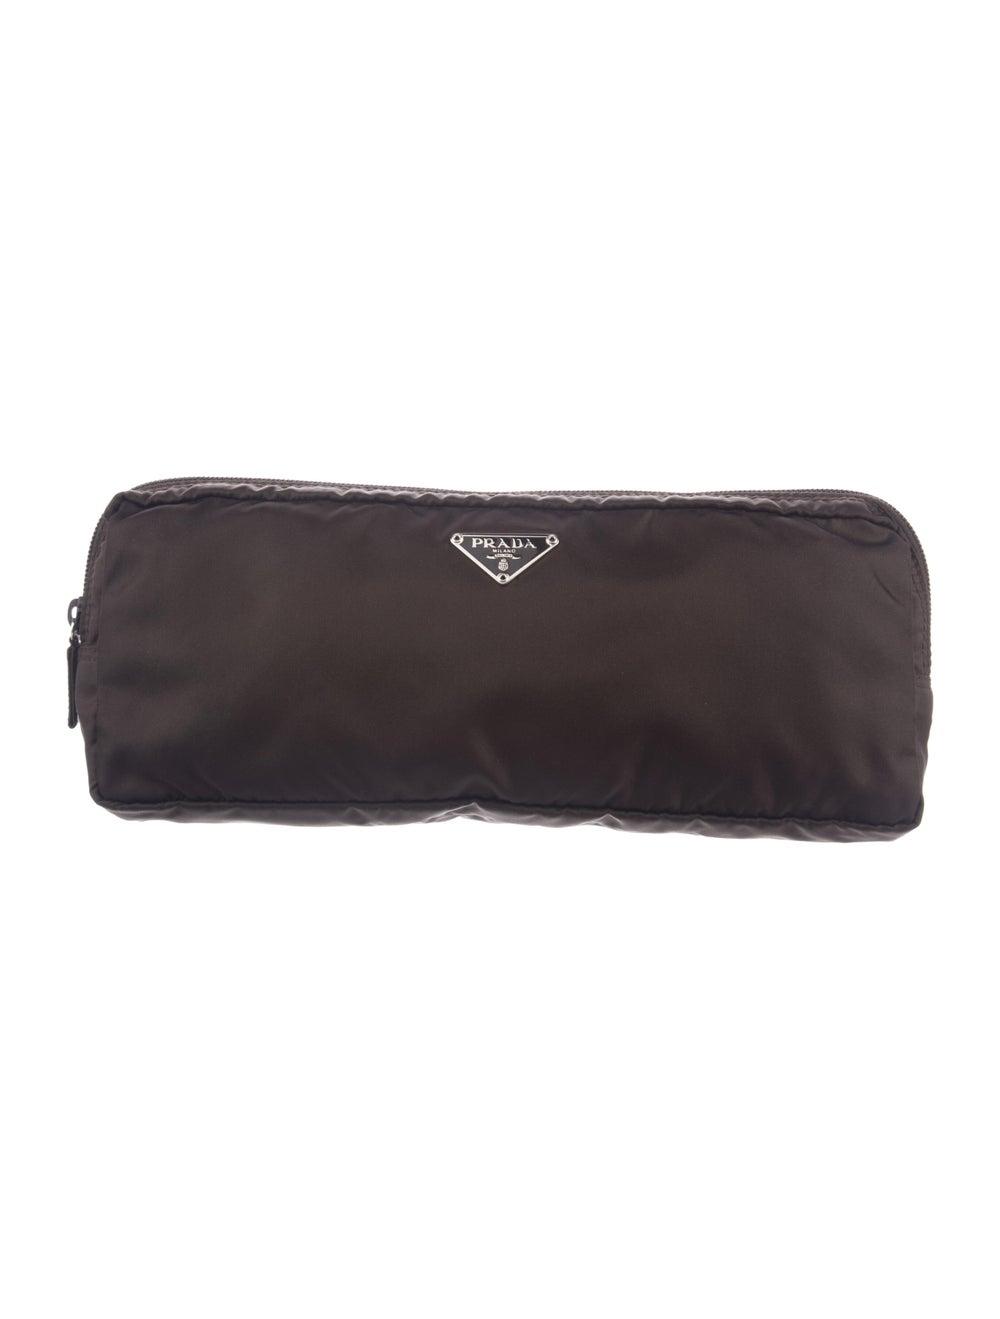 Prada Cosmetic Bag Brown - image 1